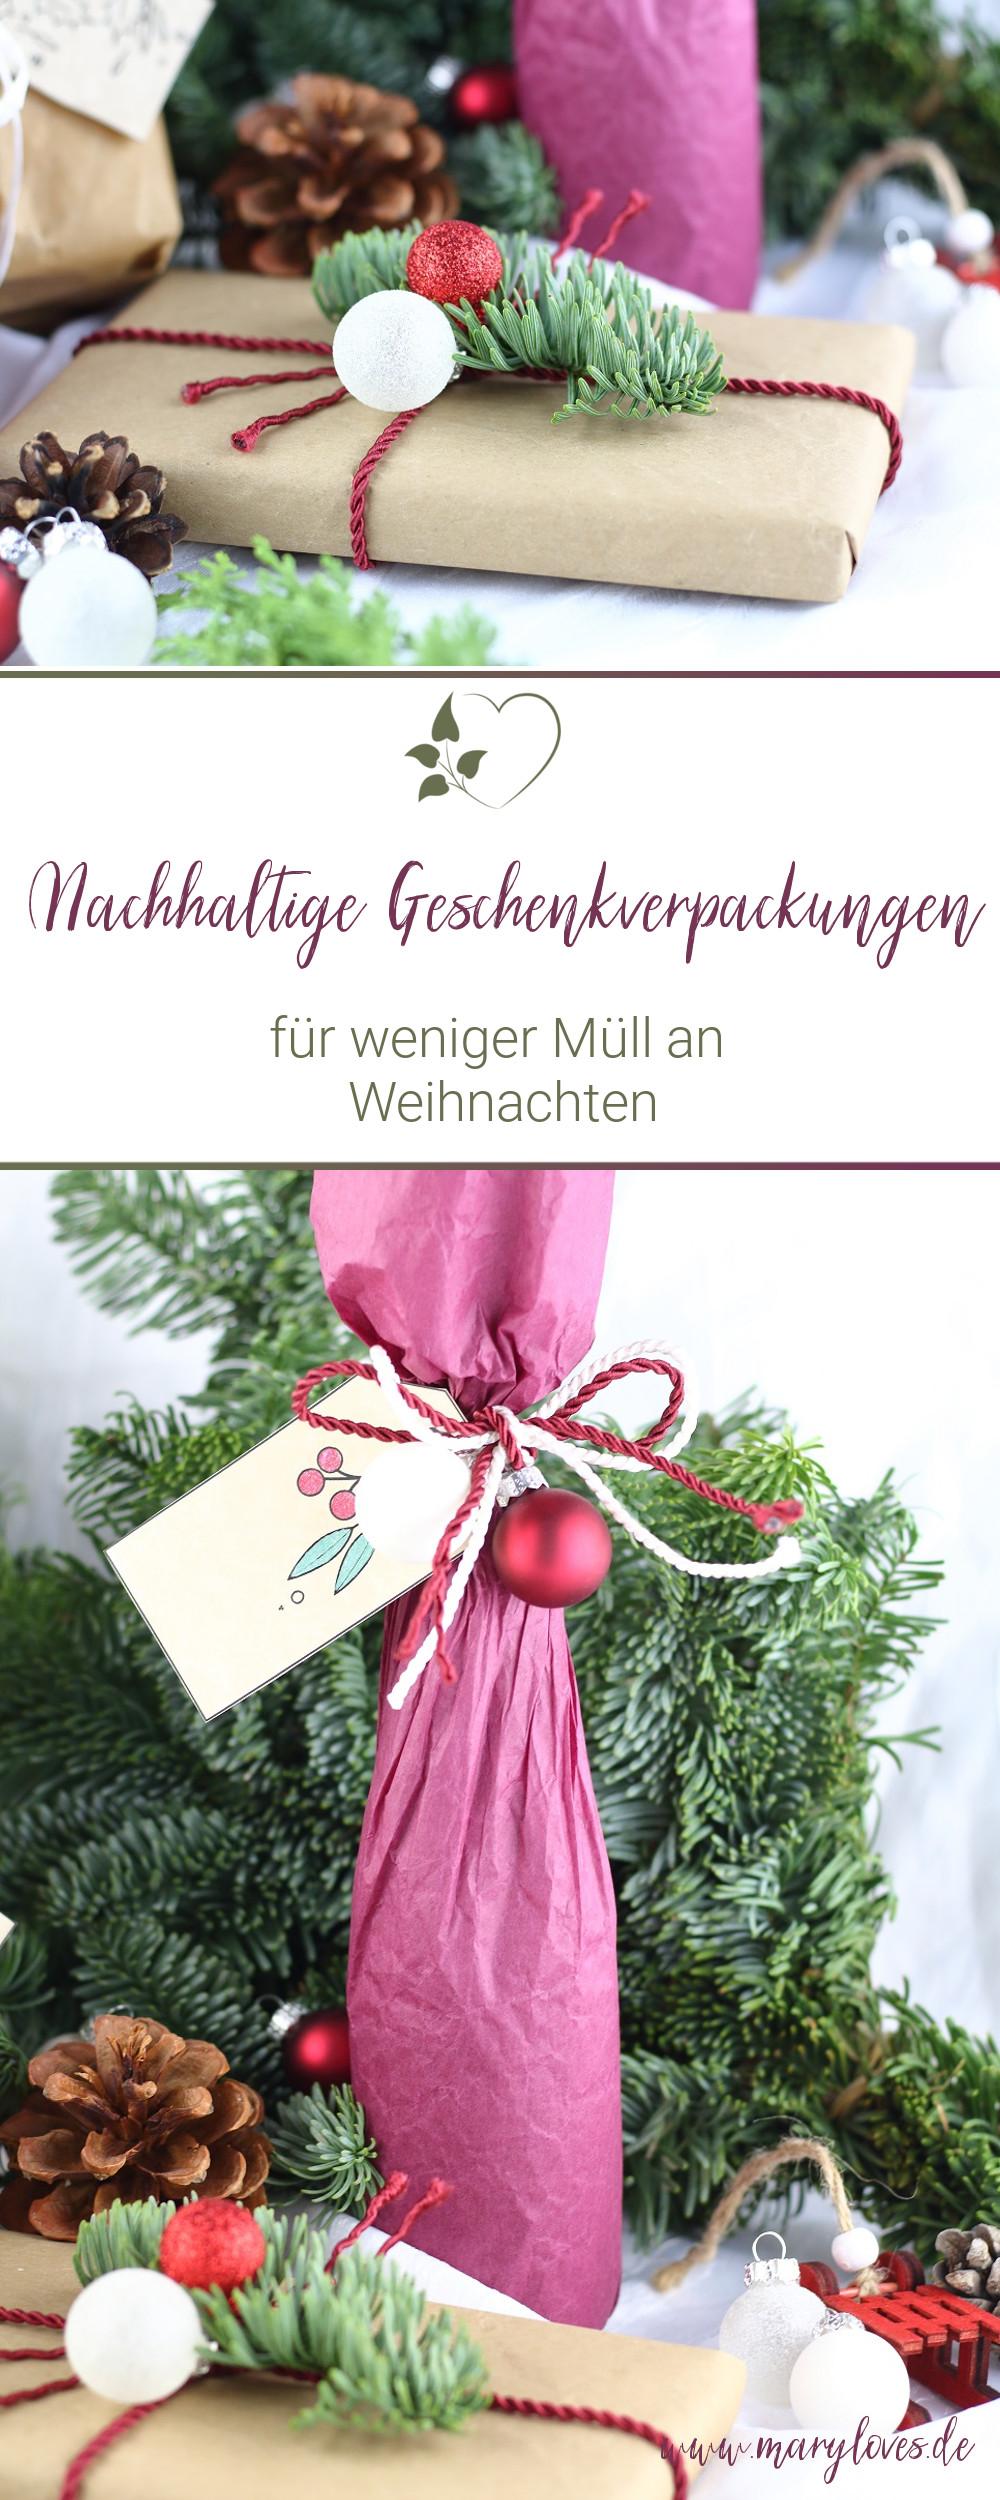 Geschenke nachhaltig verpacken für weniger Müll an Weihnachten - #nachhaltigkeit #nachhaltigegeschenkverpackungen #geschenke #nachhaltigeweihnachten #nachhaltigegeschenke #lesswastexmas